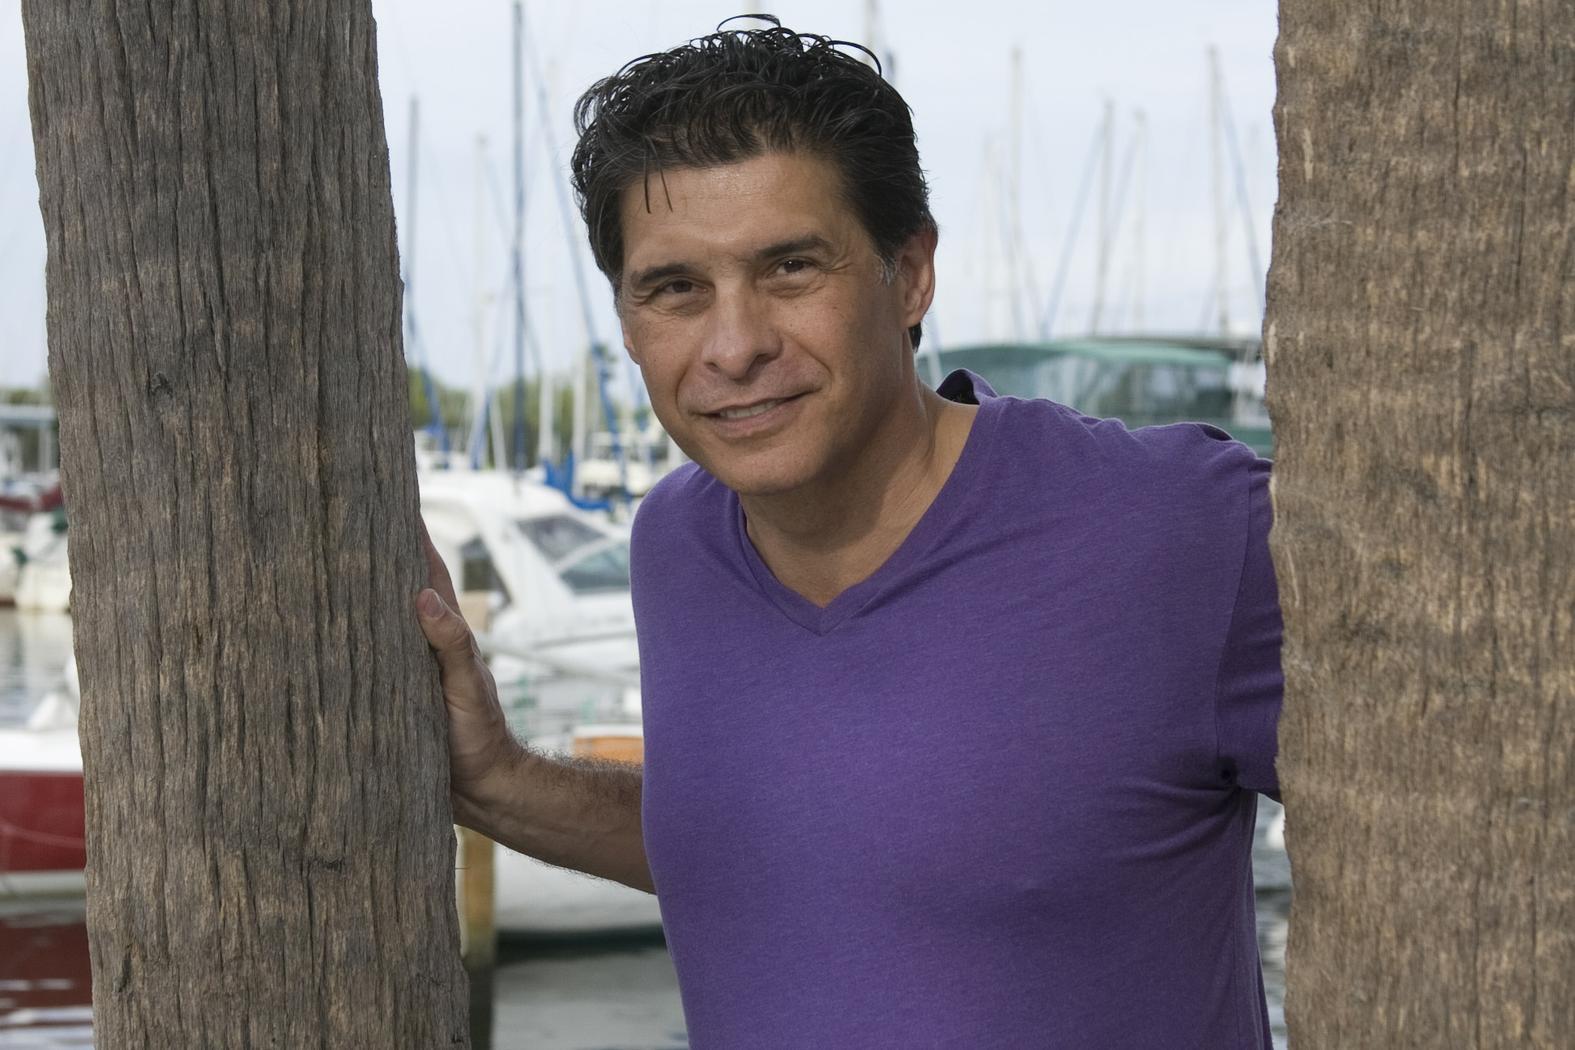 Daniel Riveiro